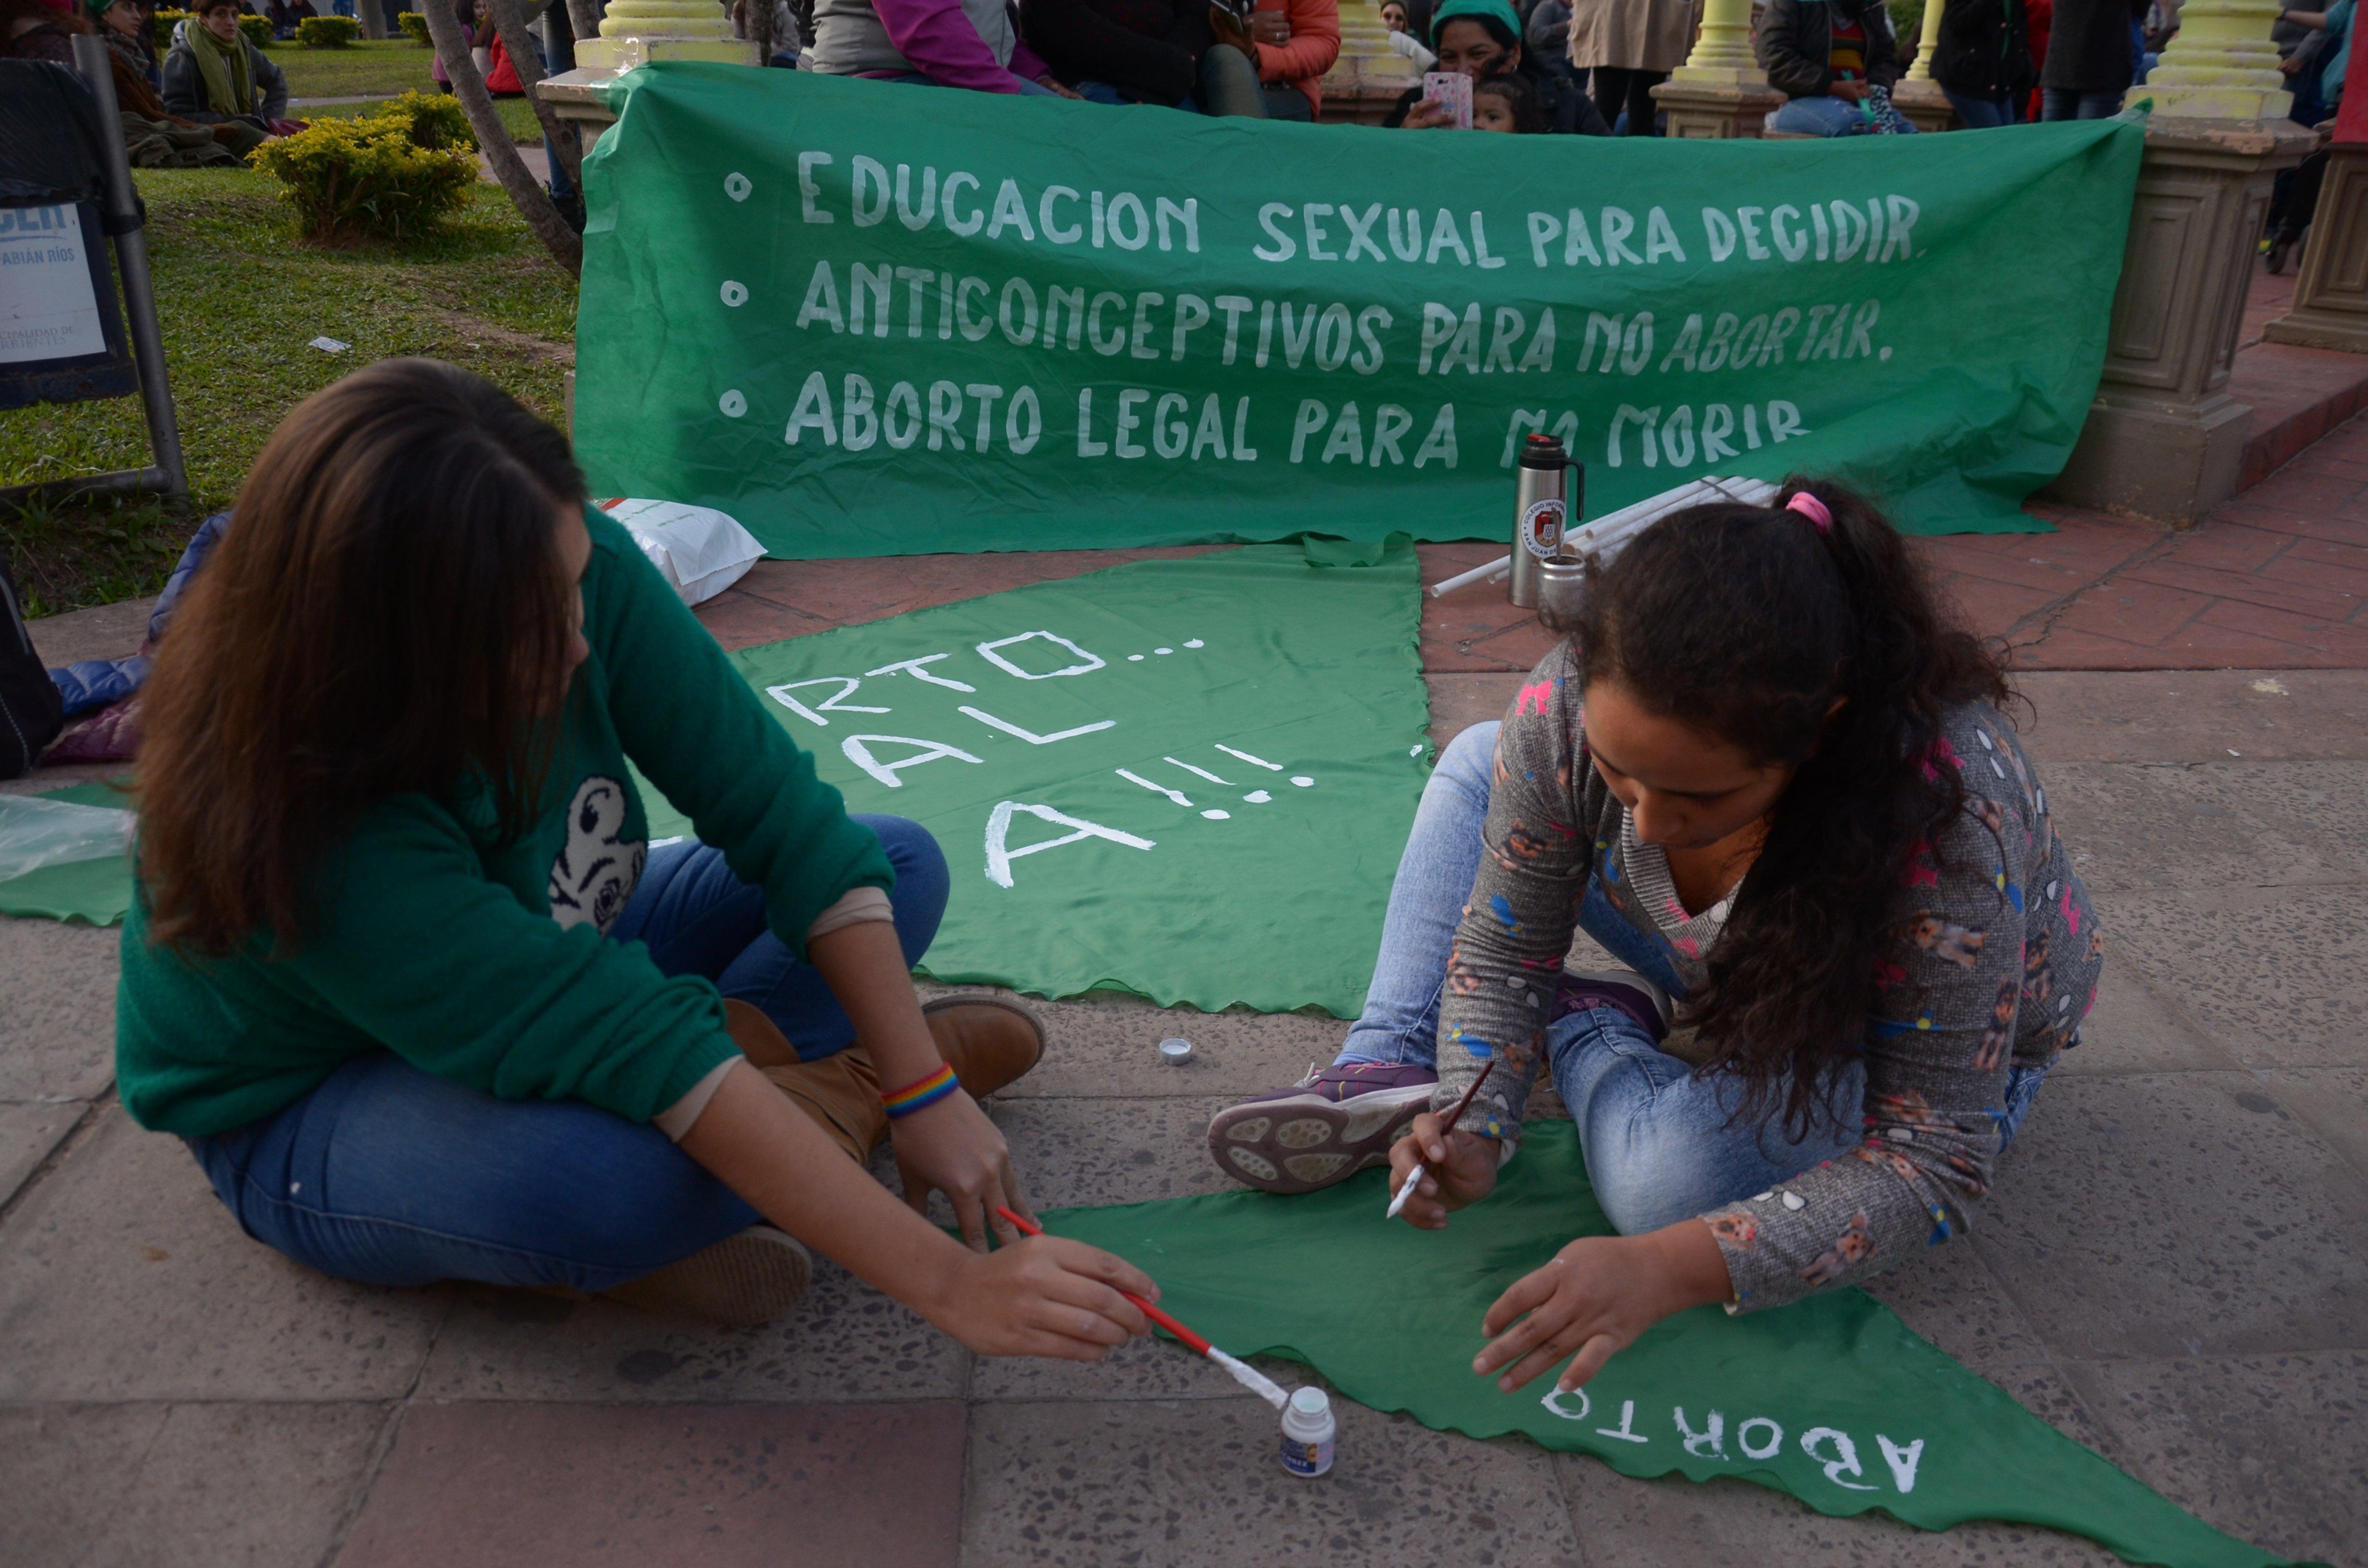 <p>Manifestaci&oacute;n. La transmisi&oacute;n del debate se pudo ver en plaza Vera y luego sigui&oacute; en la APC.</p>